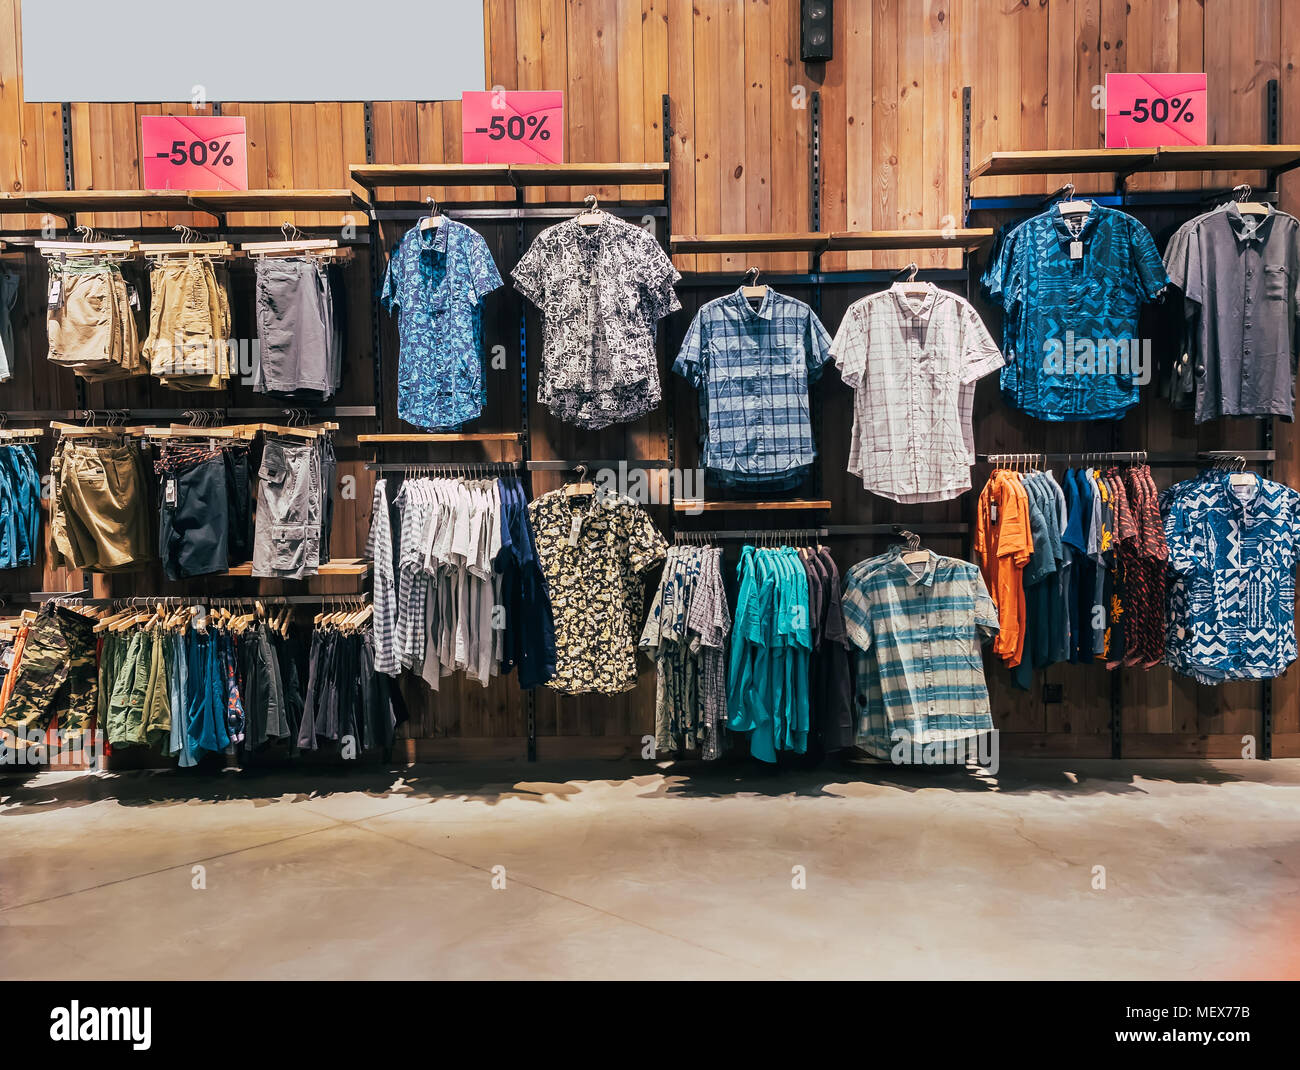 002d3ea31eecf Ragazzi reparto nel negozio di abbigliamento. Negozio di abbigliamento uomo.  Vetrina rack con camicie. Ripiani con vestiti.